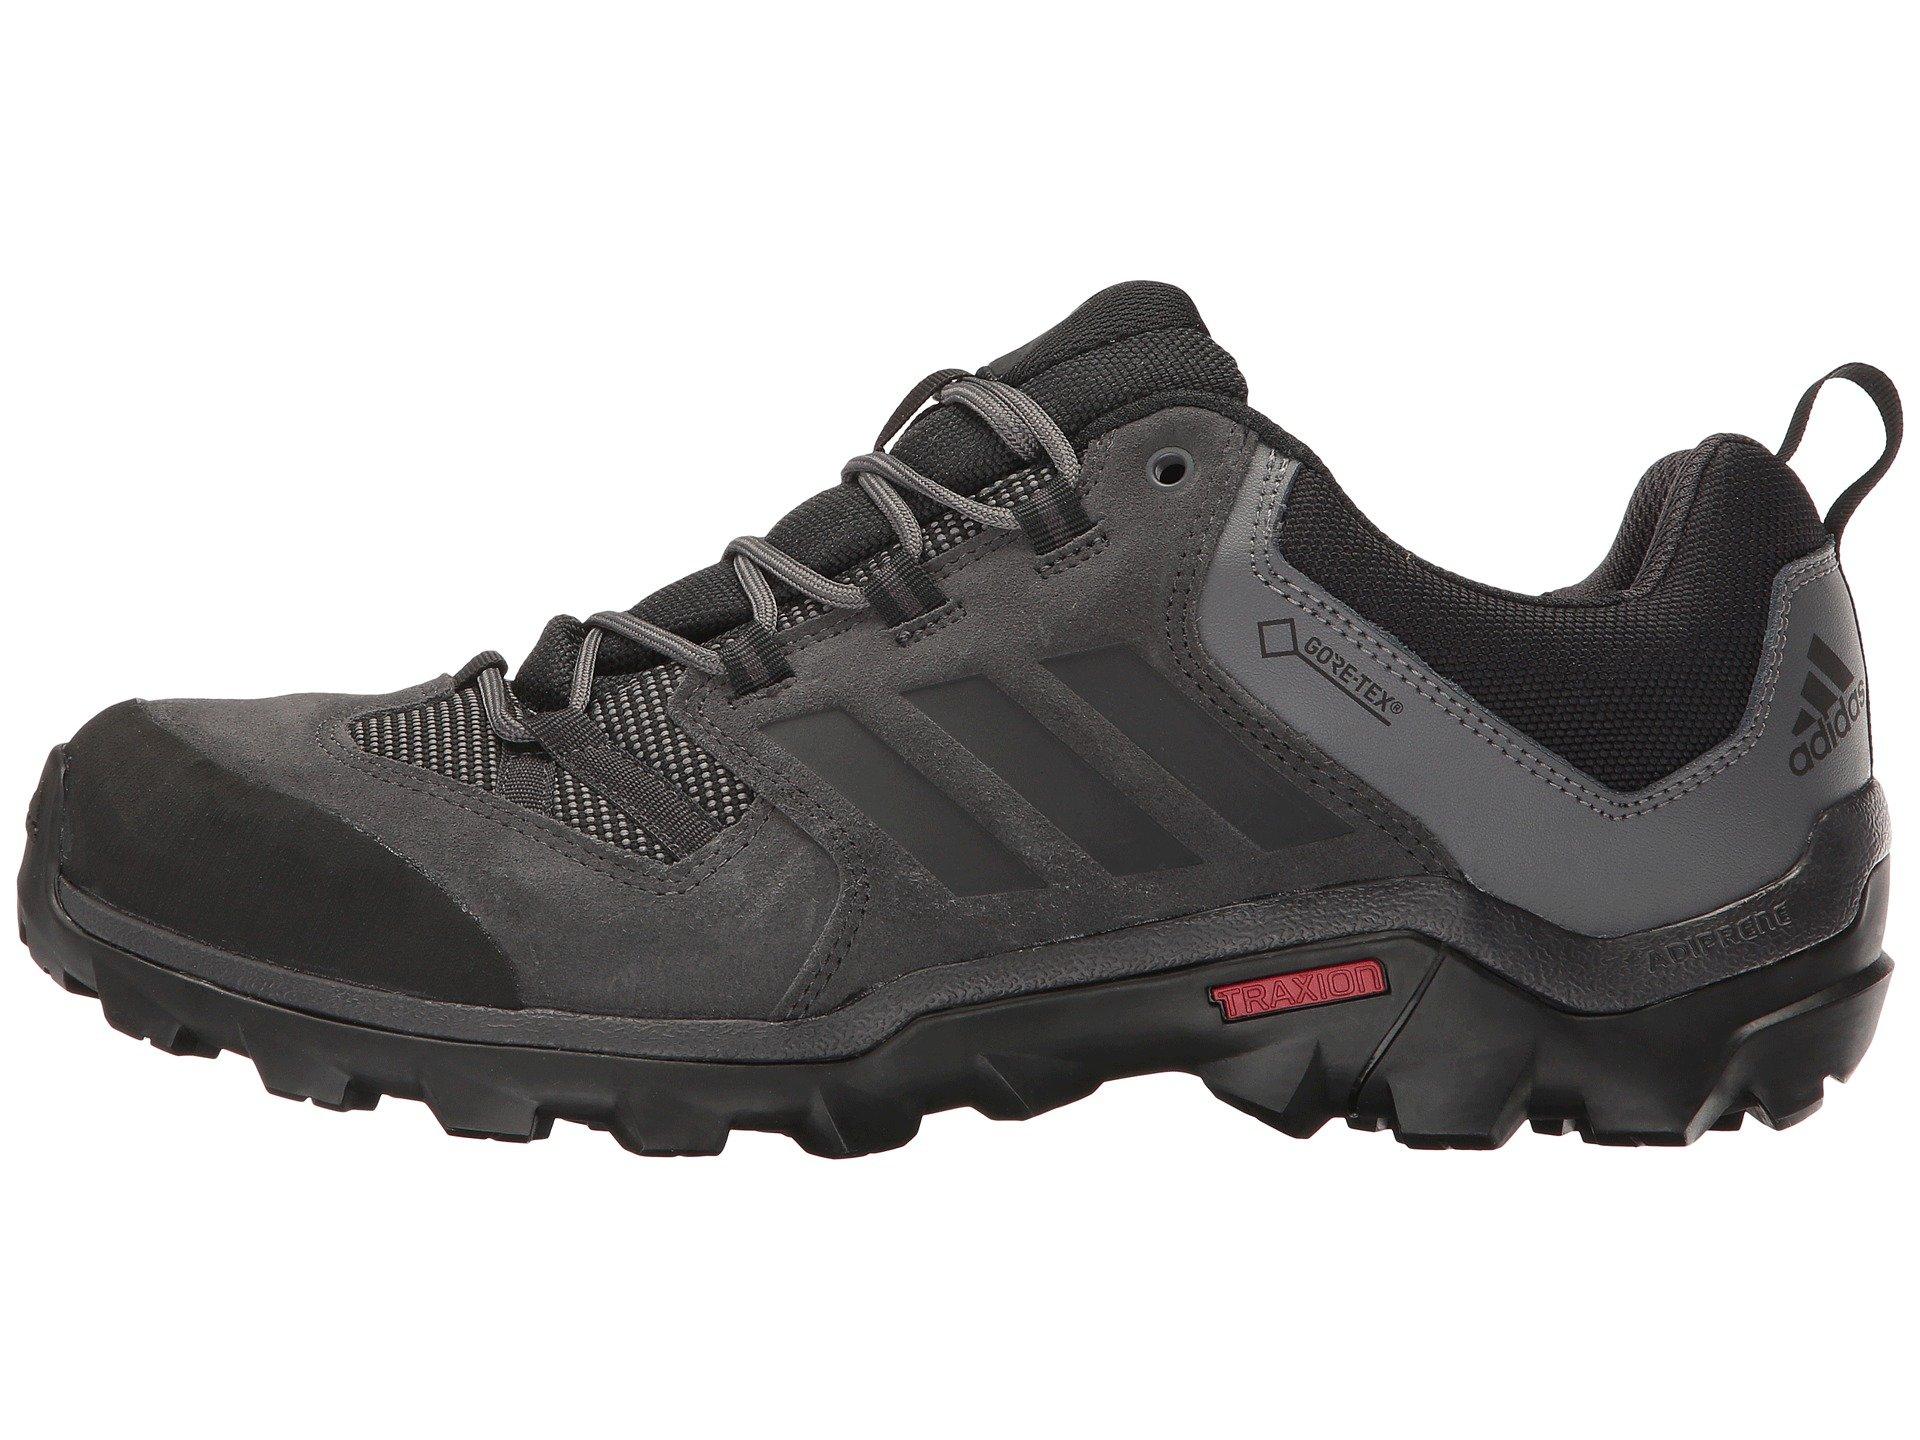 f49cfe6434f adidas steel toe shoes